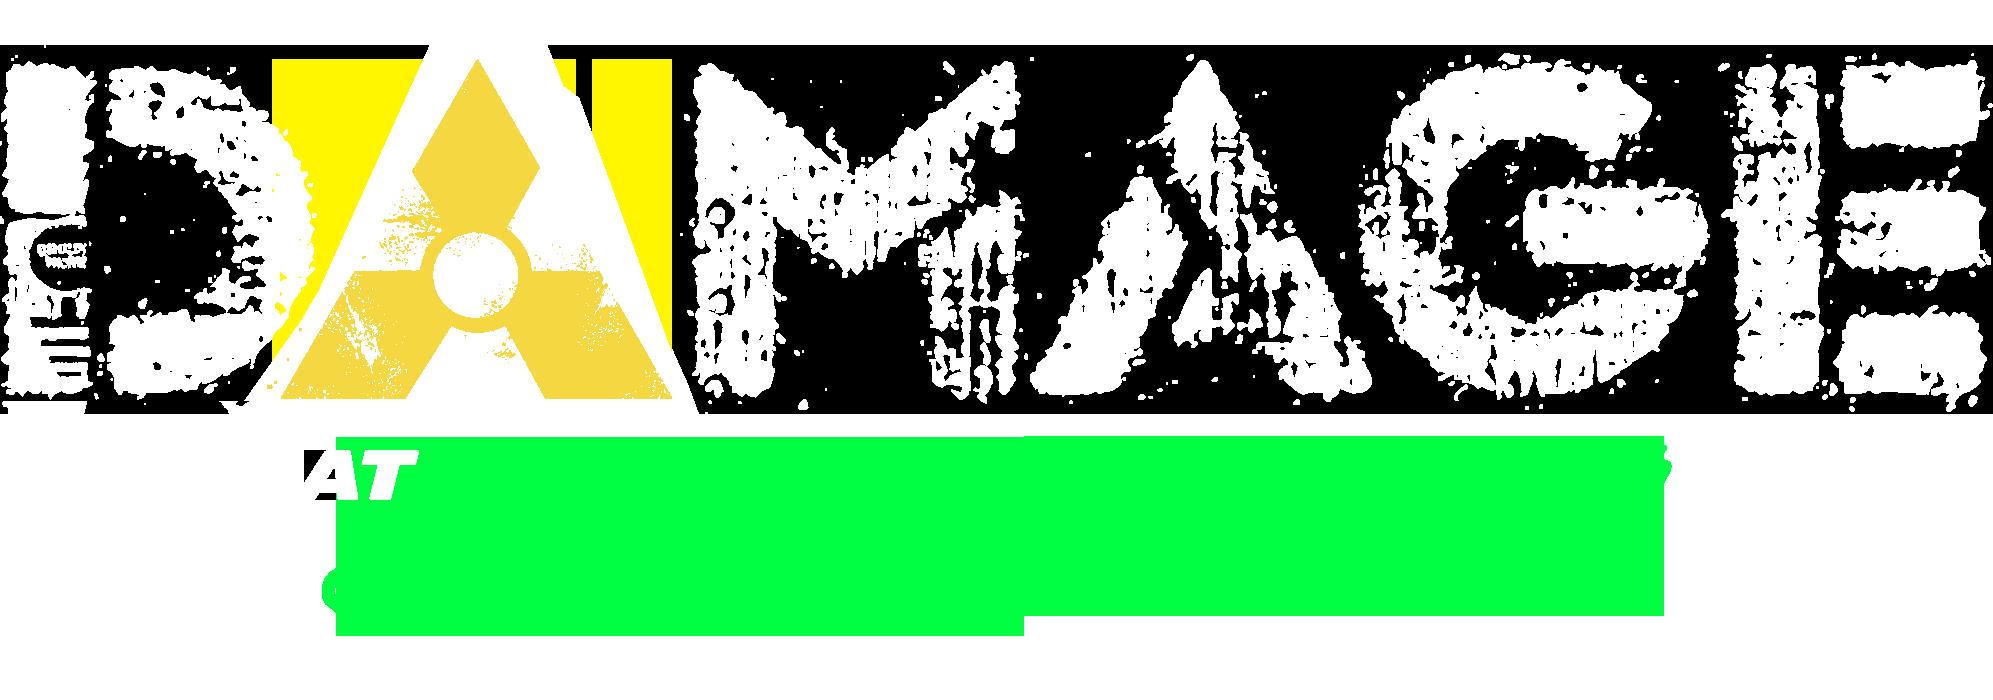 damage-logo-liquidkiddy-